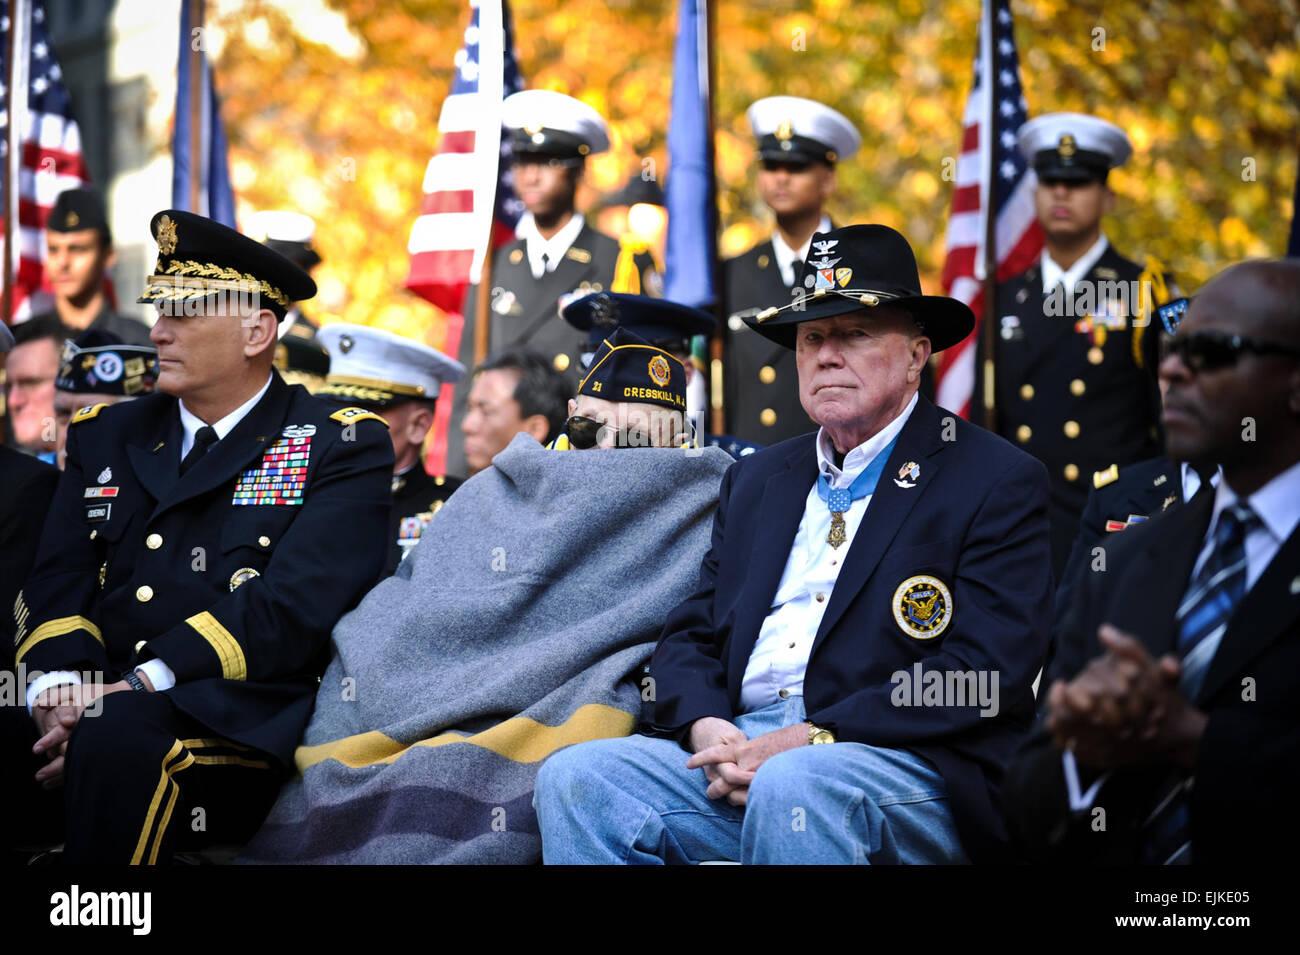 Le colonel de l'armée à la retraite P. Bruce Crandall, droite, et Nicholas Oresko, centre, les deux récipiendaires de la médaille d'honneur, d'assister aux activités de la Journée des anciens combattants au Madison Square Park de New York City, New York en l'honneur des anciens combattants de guerre le 11 novembre 2011. Oresko vivant est la plus ancienne médaille de l'honneur du récipiendaire. Le s.. Teddy Wade Banque D'Images